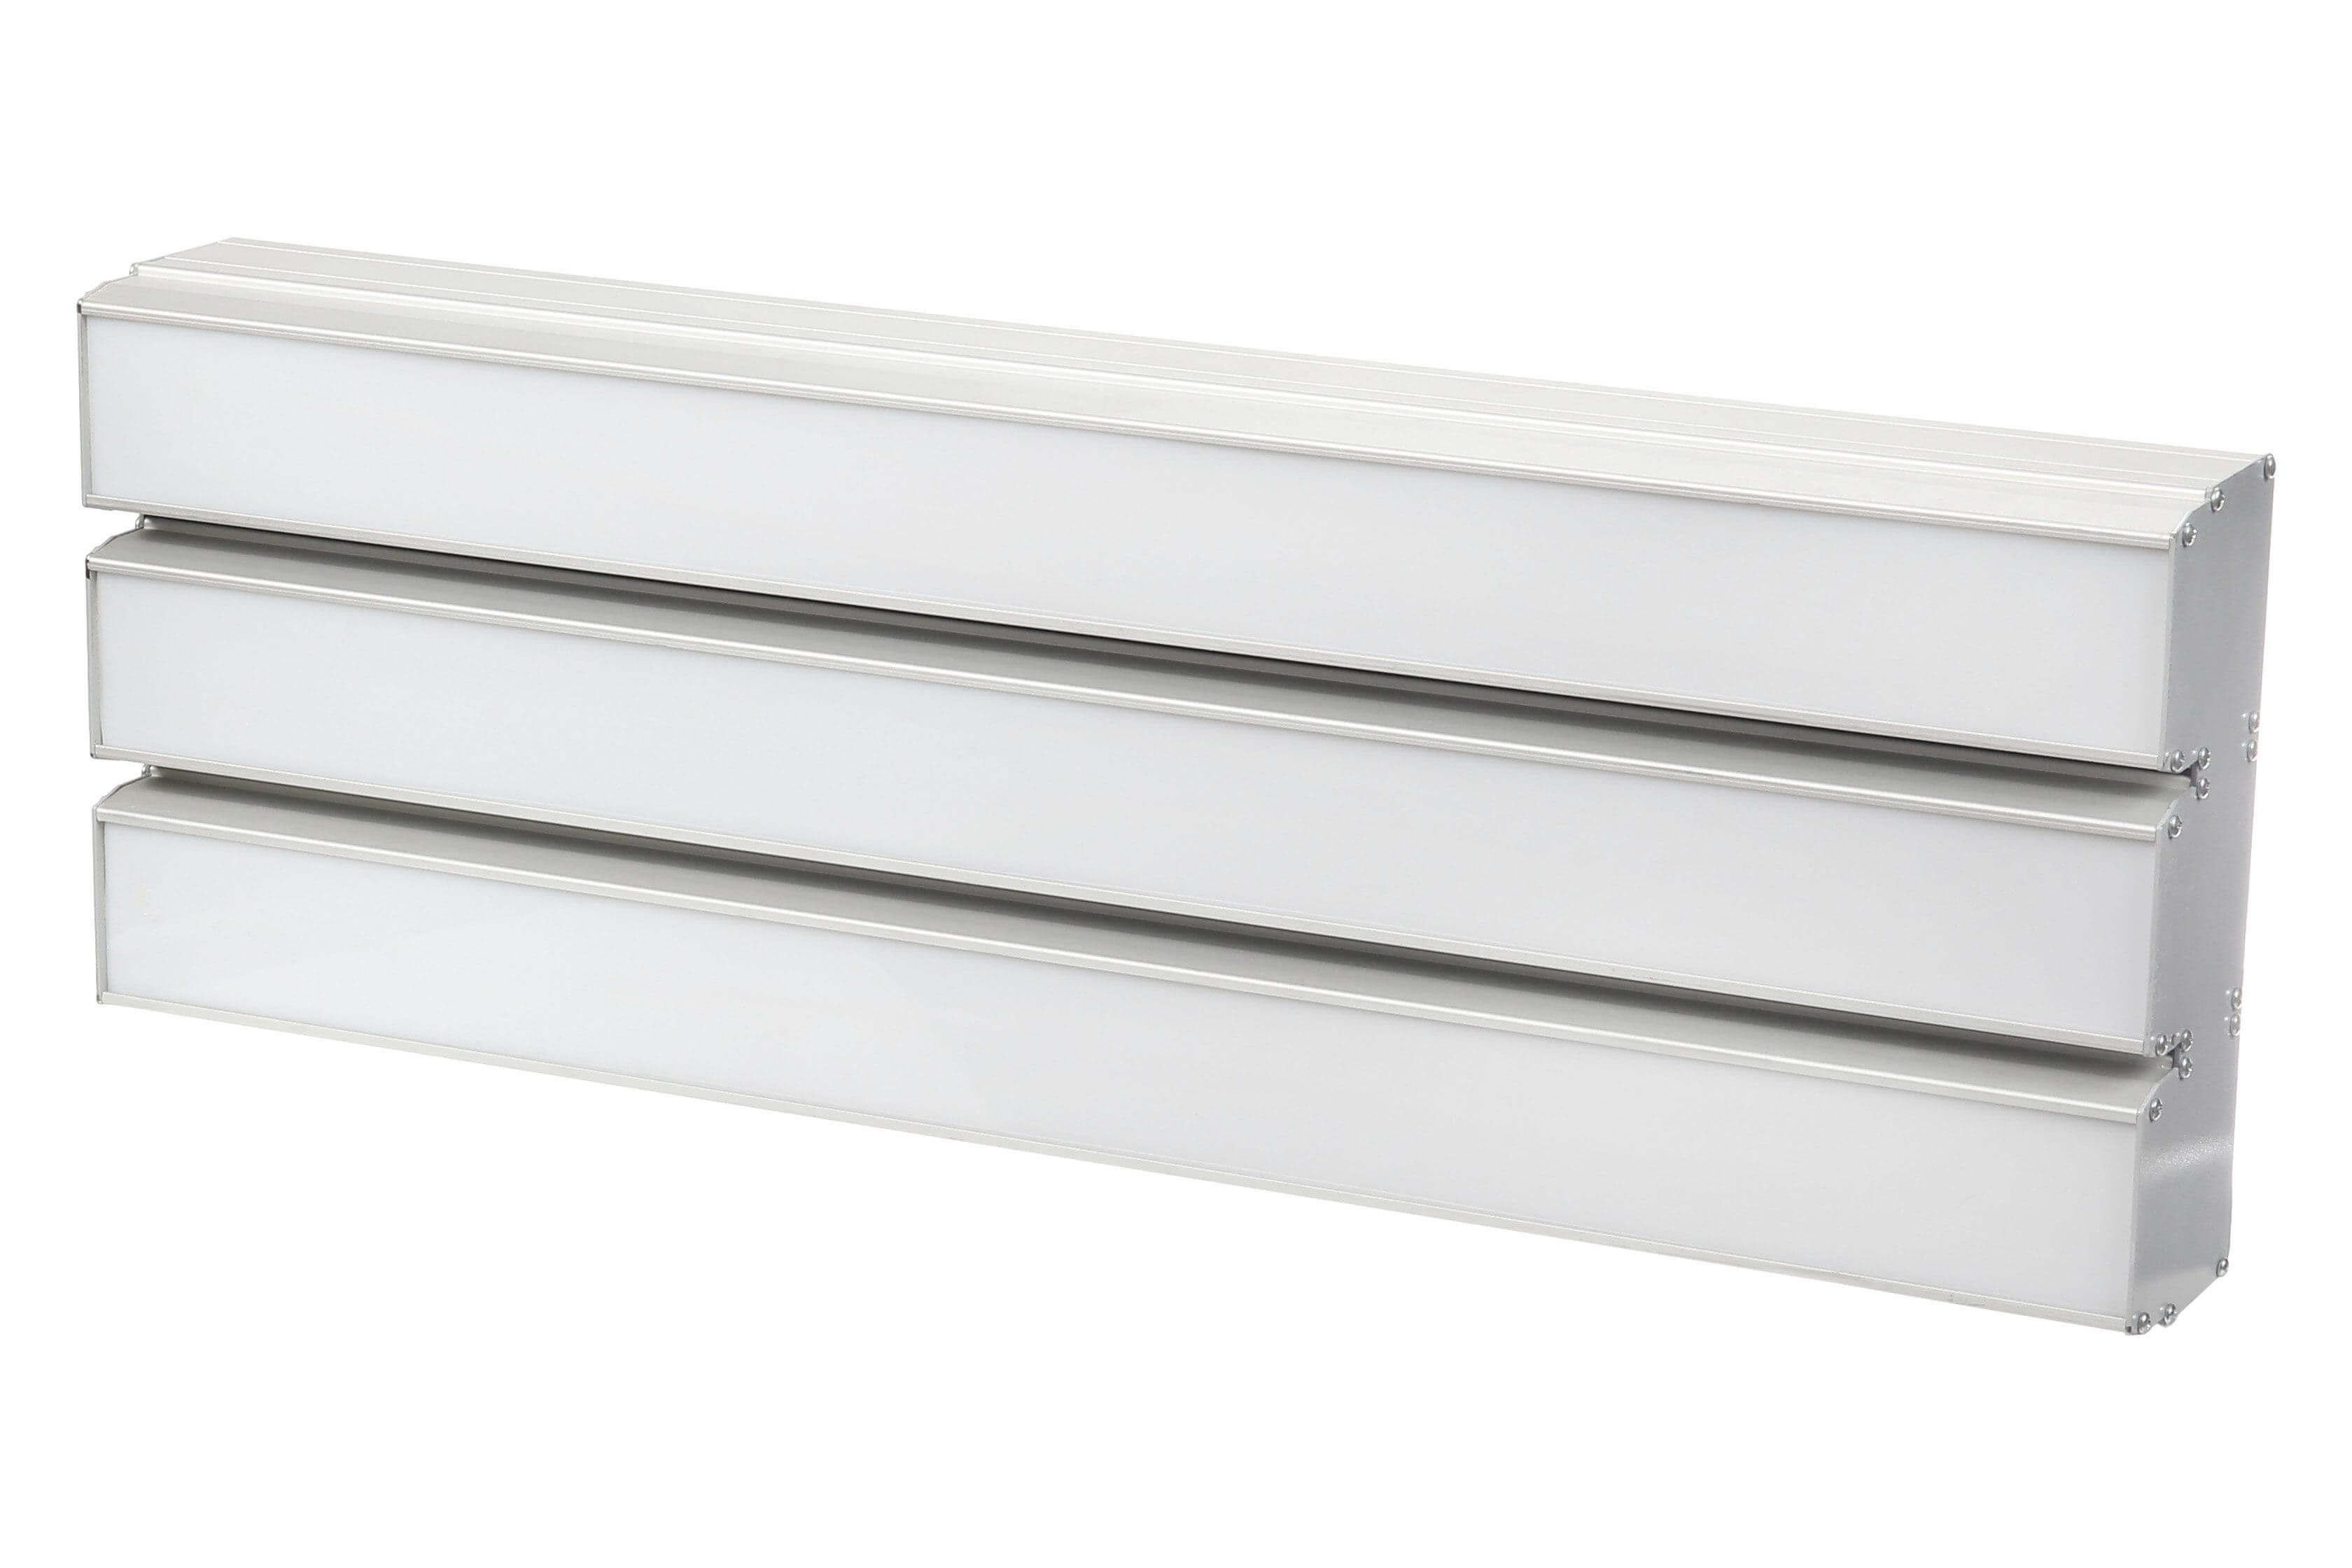 Светодиодный светильник LEDcraft LC-30-3PR-DW 30 Ватт IP20 (332 мм) Нейтральный Опал